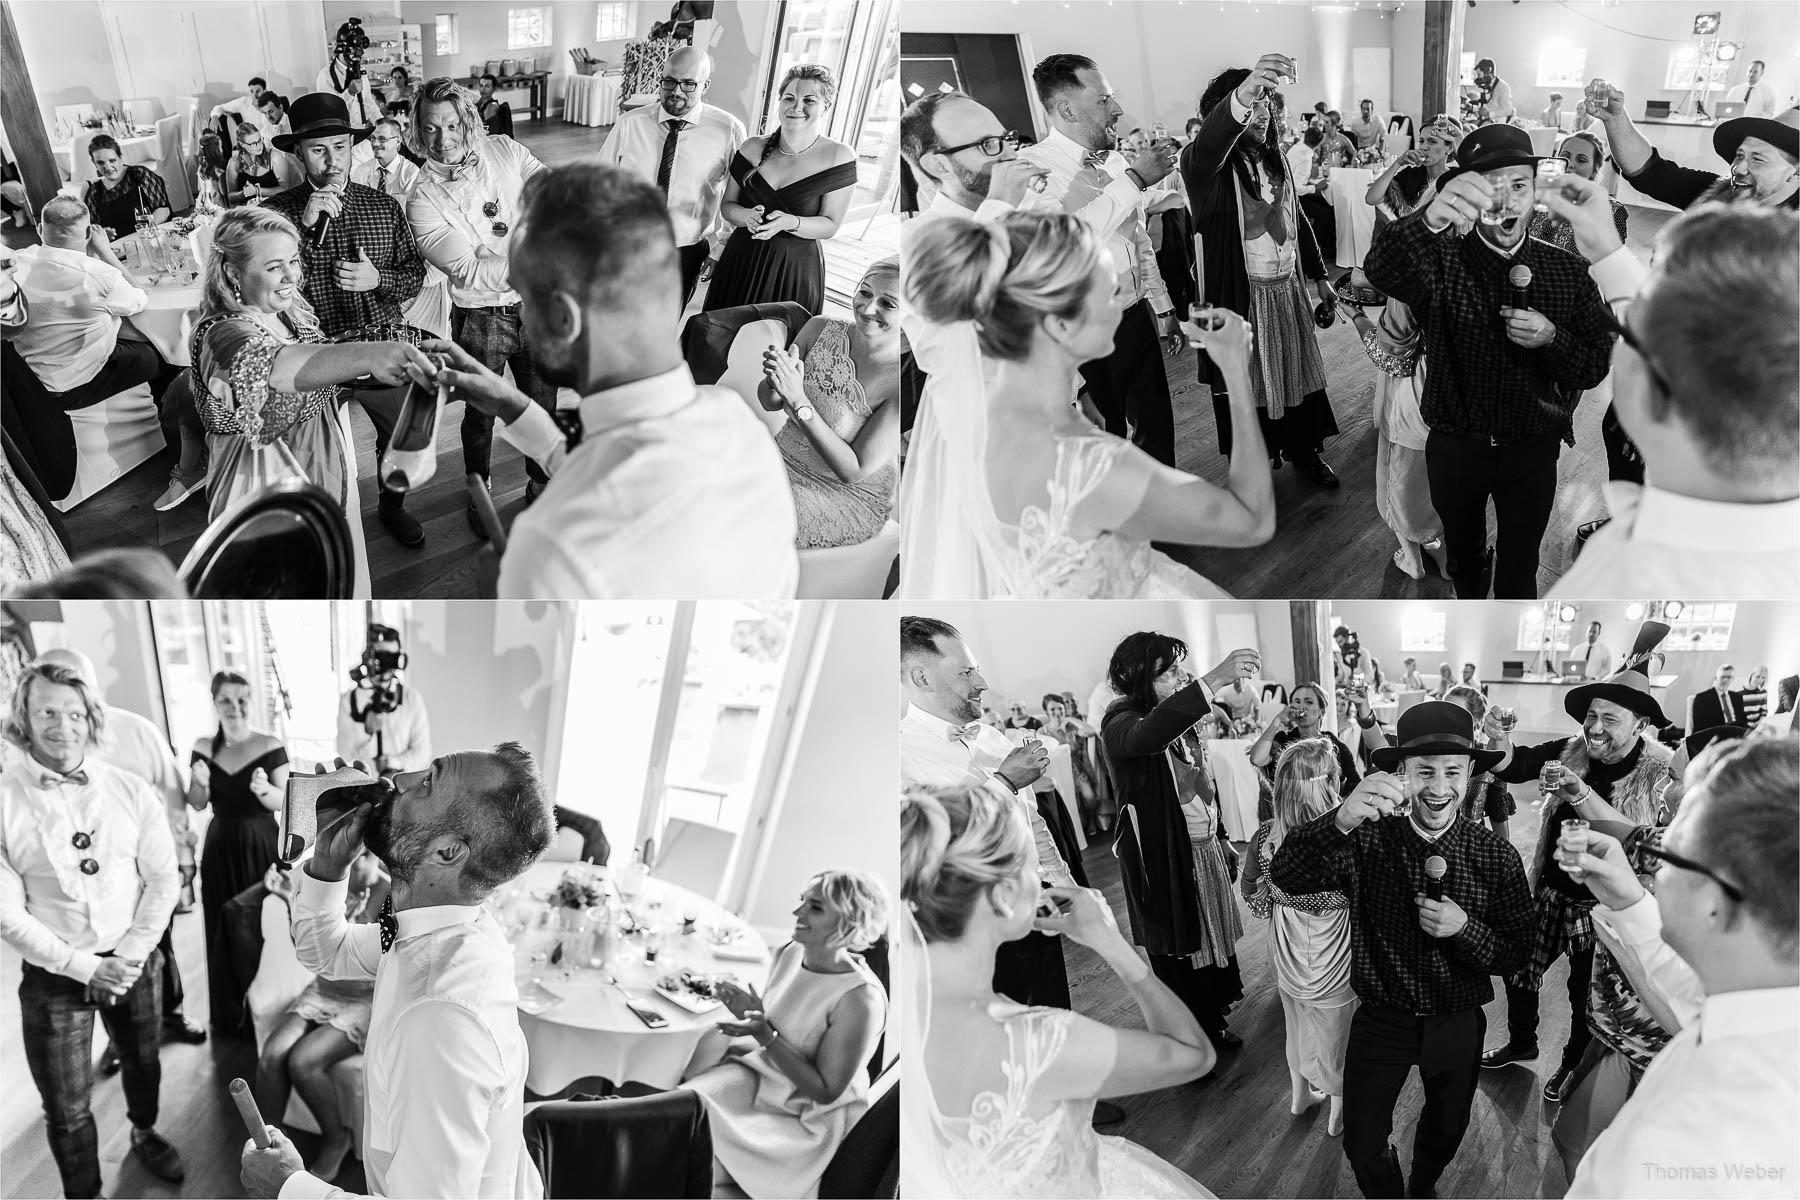 Russische Spiele auf der Hochzeitsfeier, Kirchliche Hochzeit in Rastede und Hochzeitsfeier in der Scheune St. Georg Rastede, Hochzeitsfotograf Thomas Weber aus Oldenburg